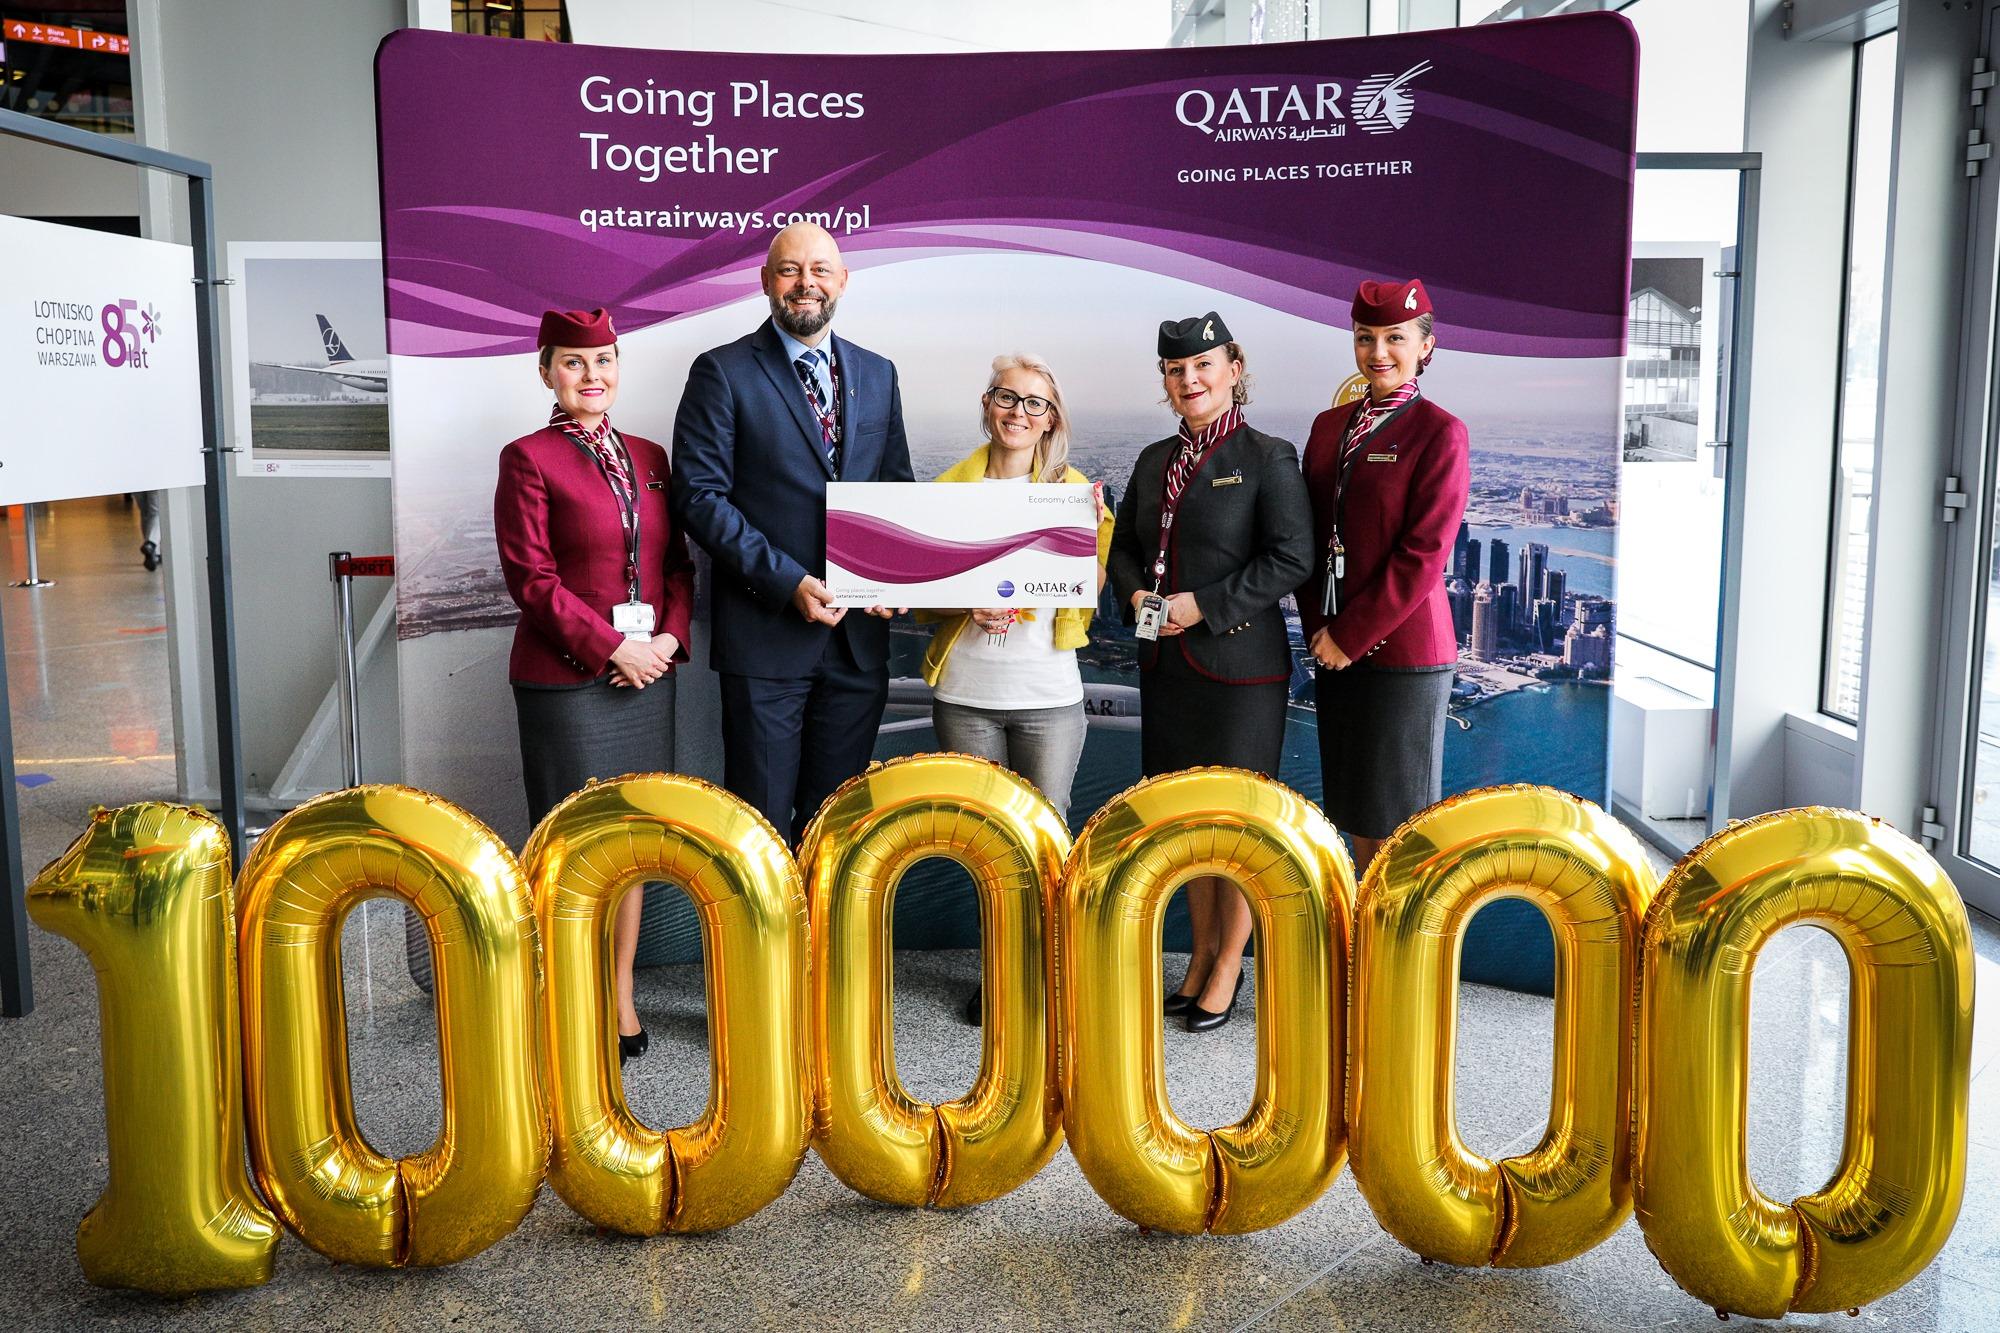 Milionowy pasażer Qatar Airways w Warszawie